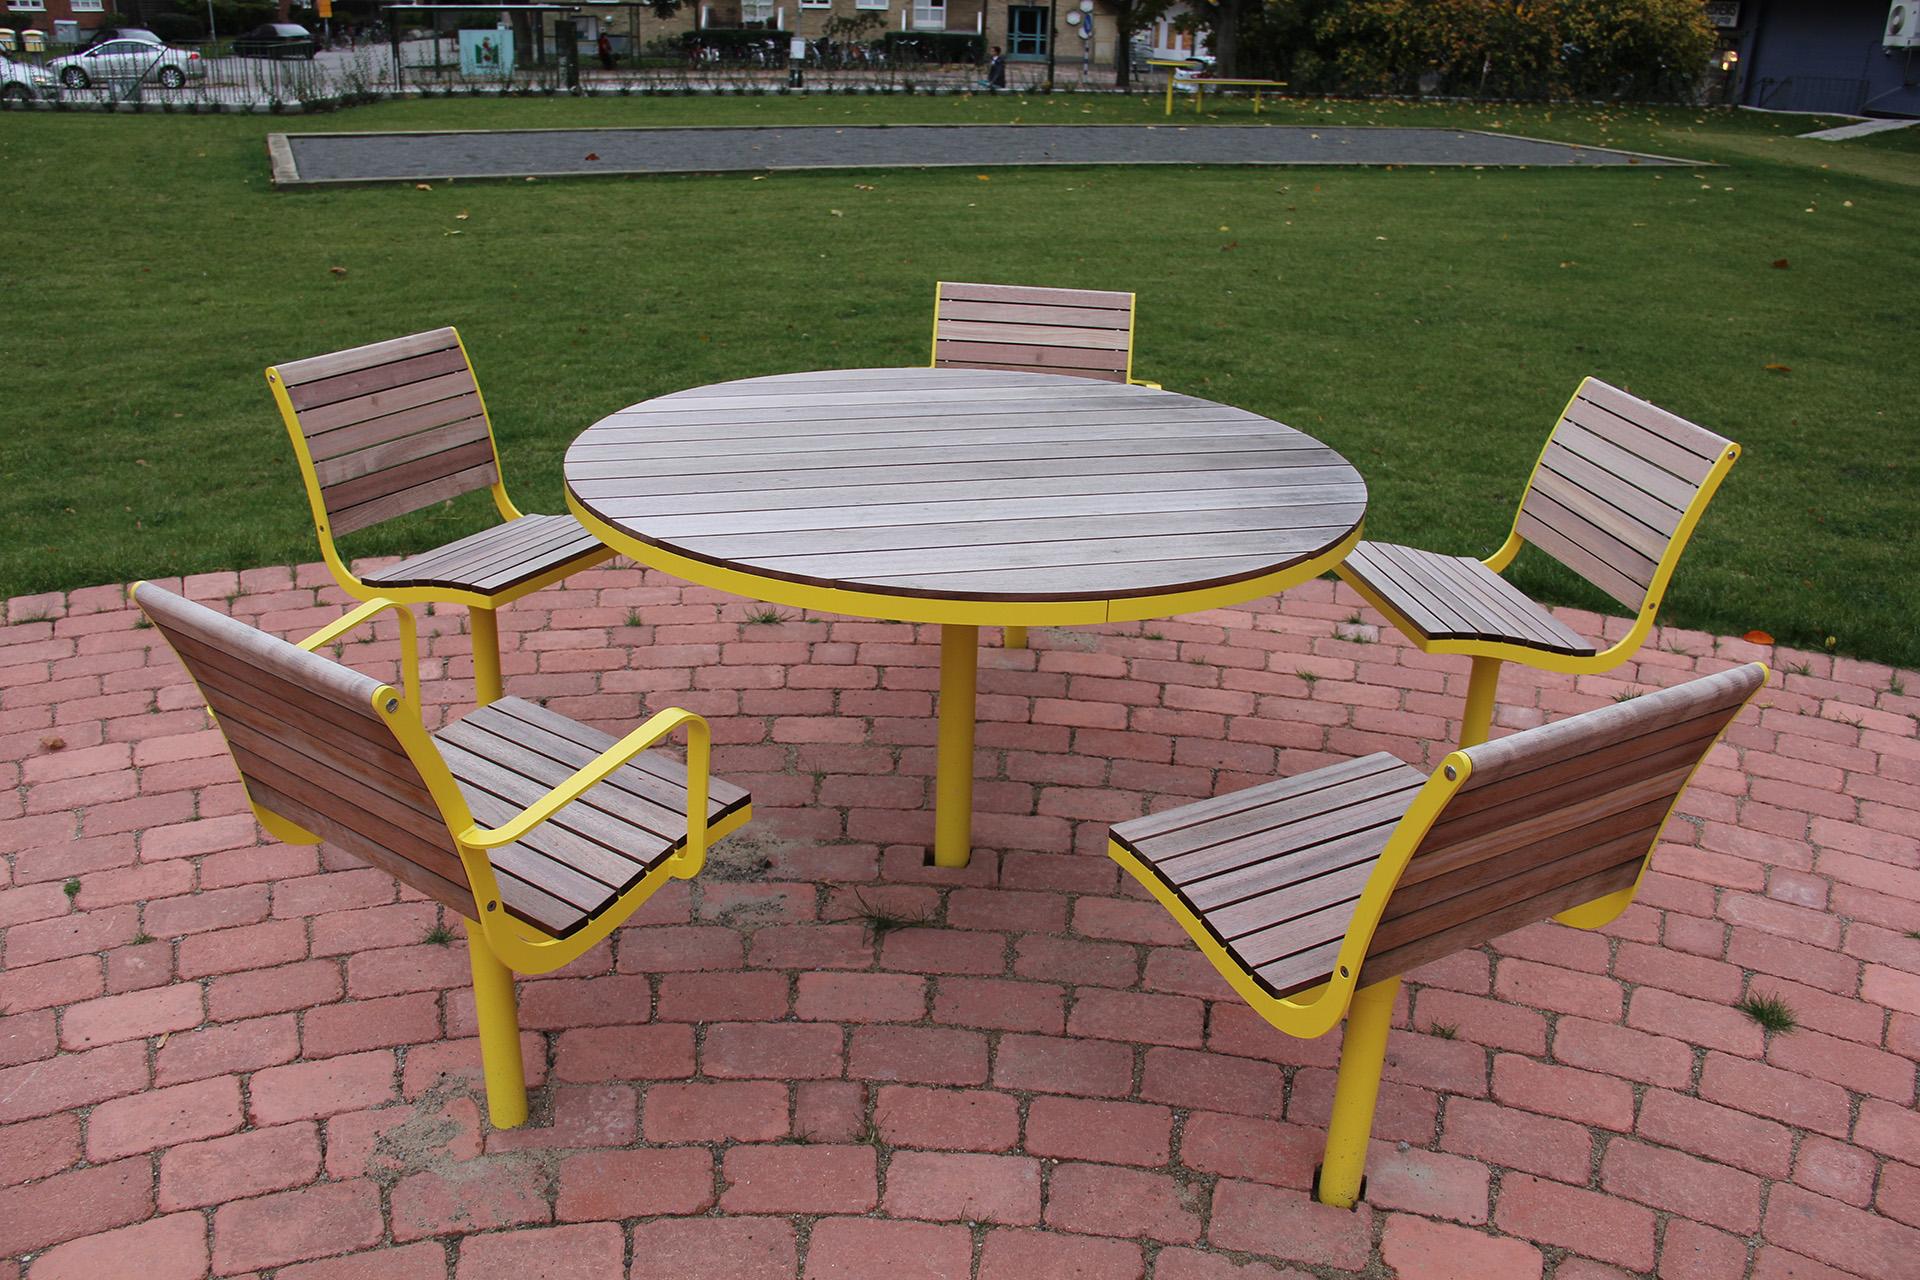 Parco stoel stijlvolle zitplek waar aan men kan samenkomen en uitrusten